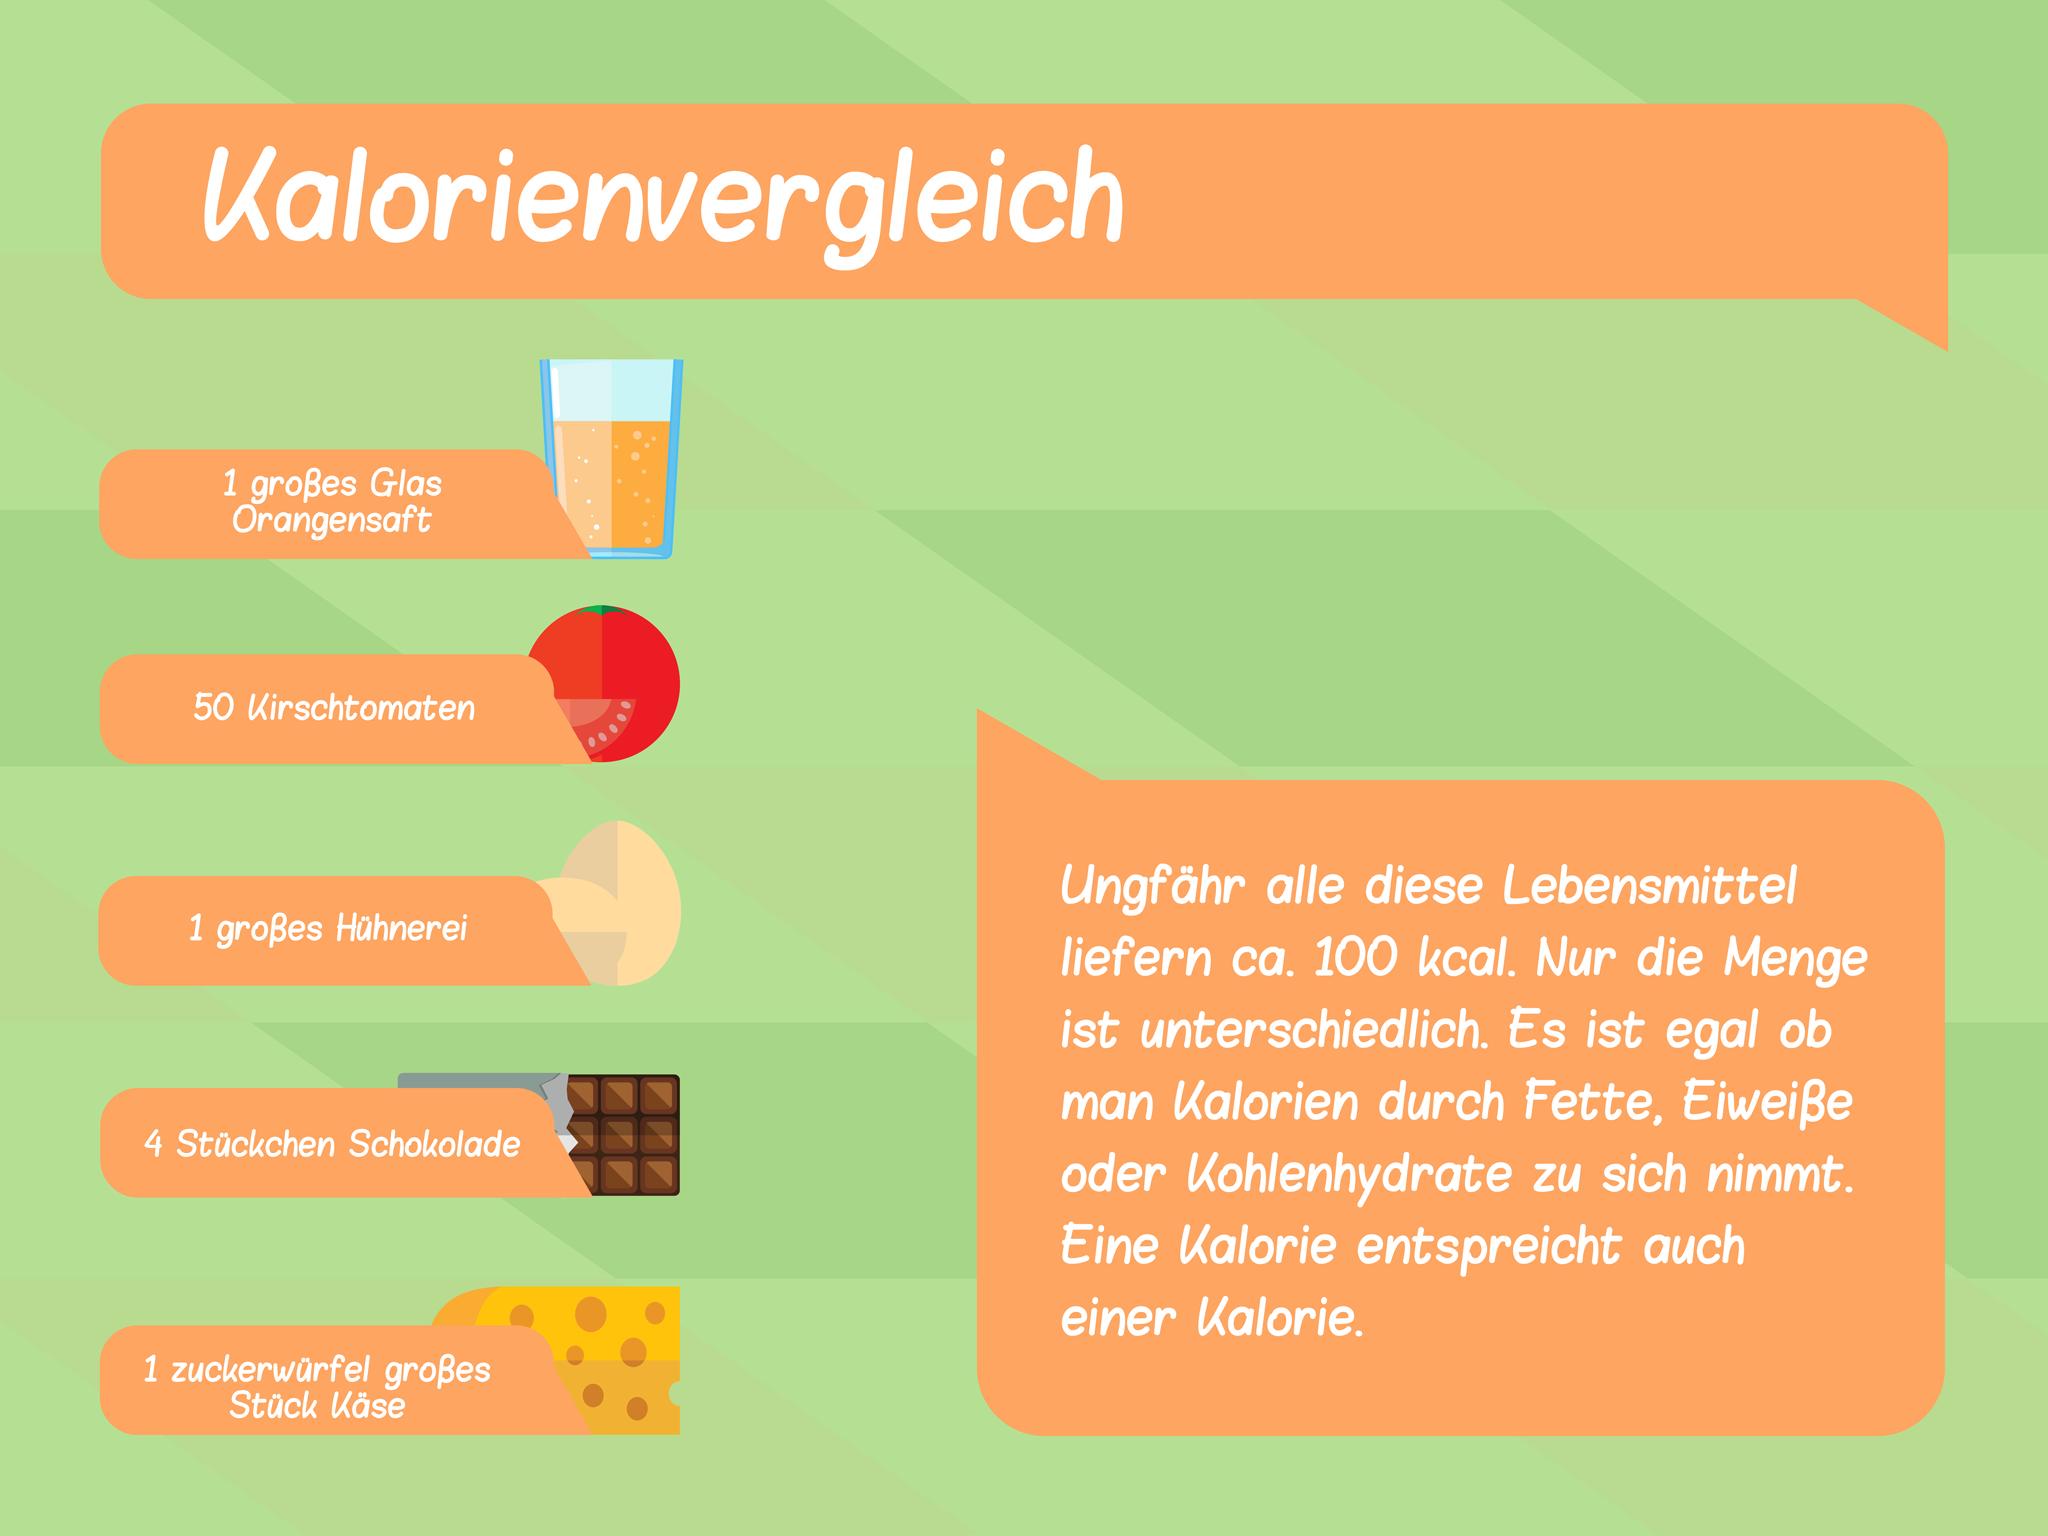 alkohol kalorien vergleich